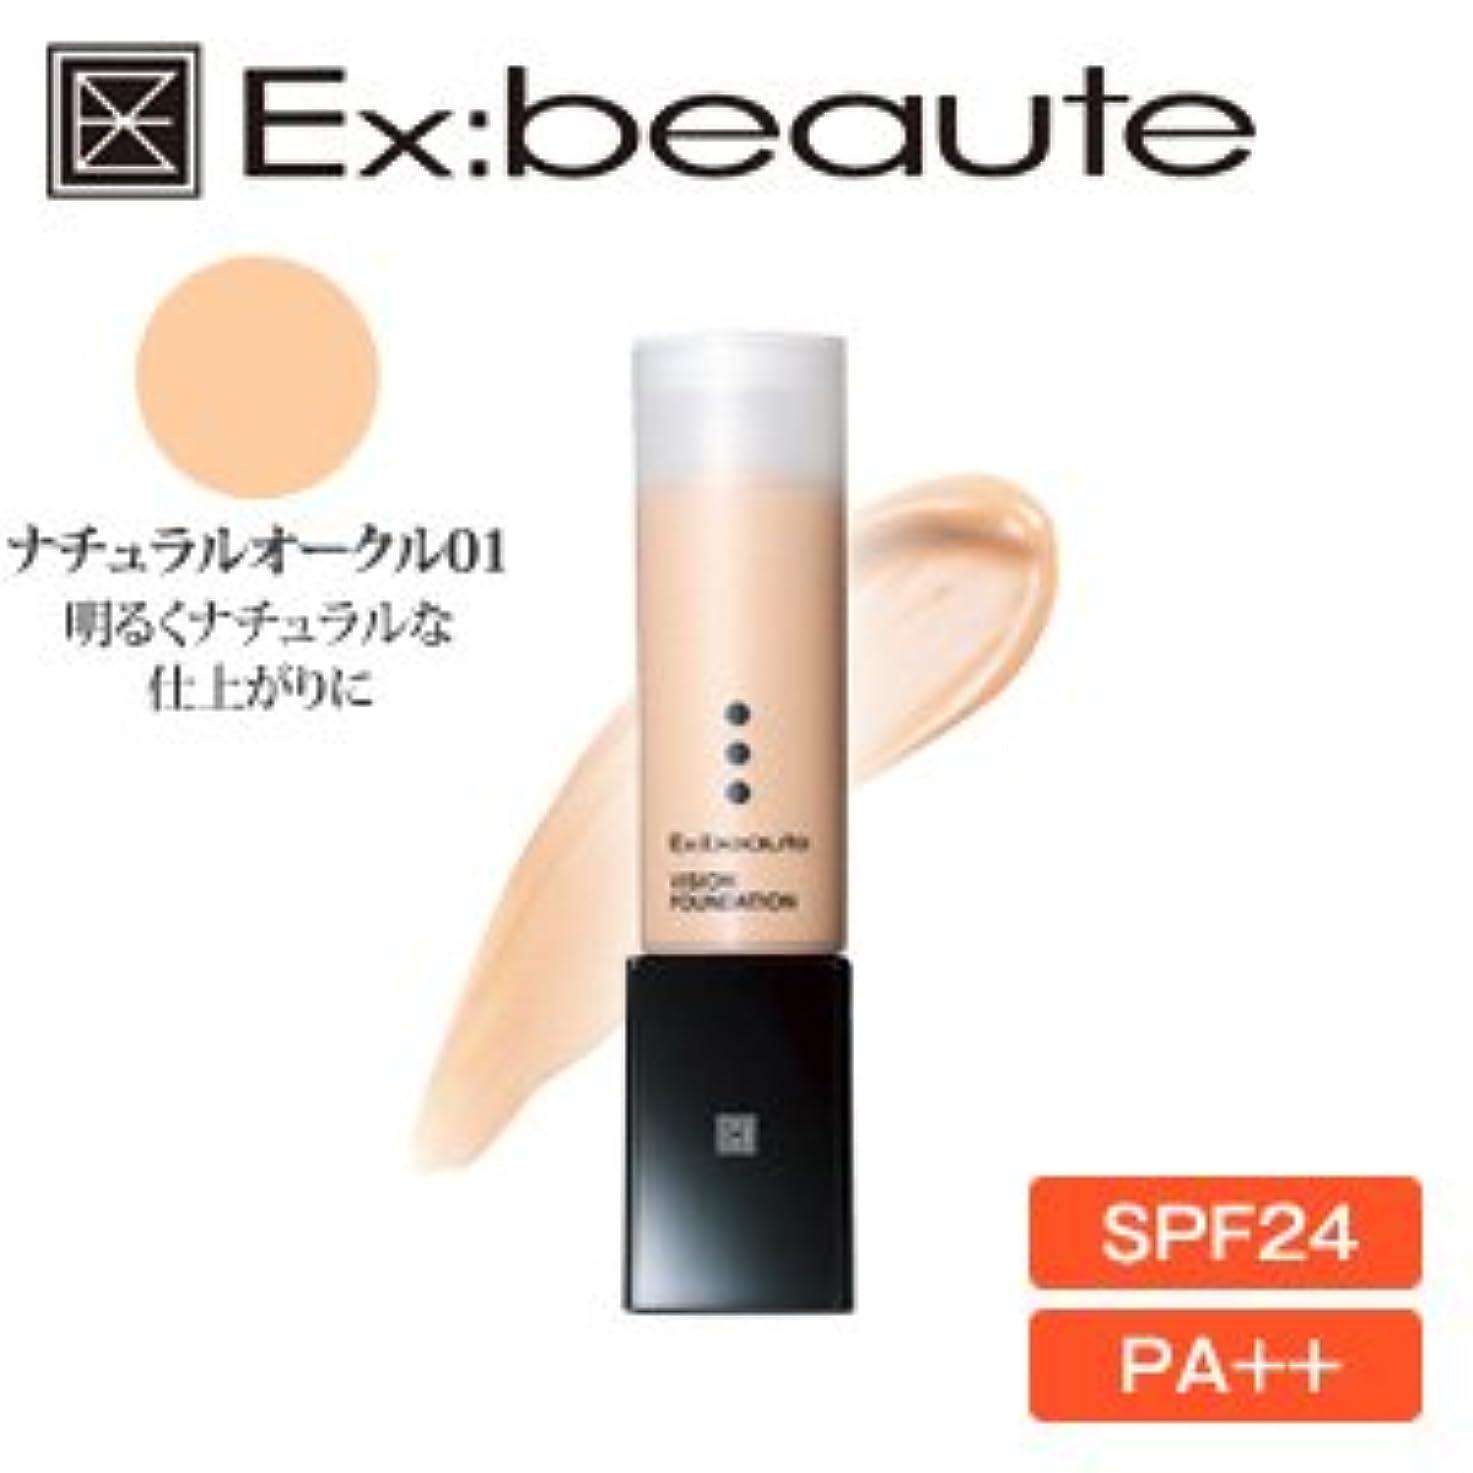 気絶させる小道具狂気Ex:beaute (エクスボーテ) ビジョンファンデーション リキッドモイストタイプ ナチュラルオークル01